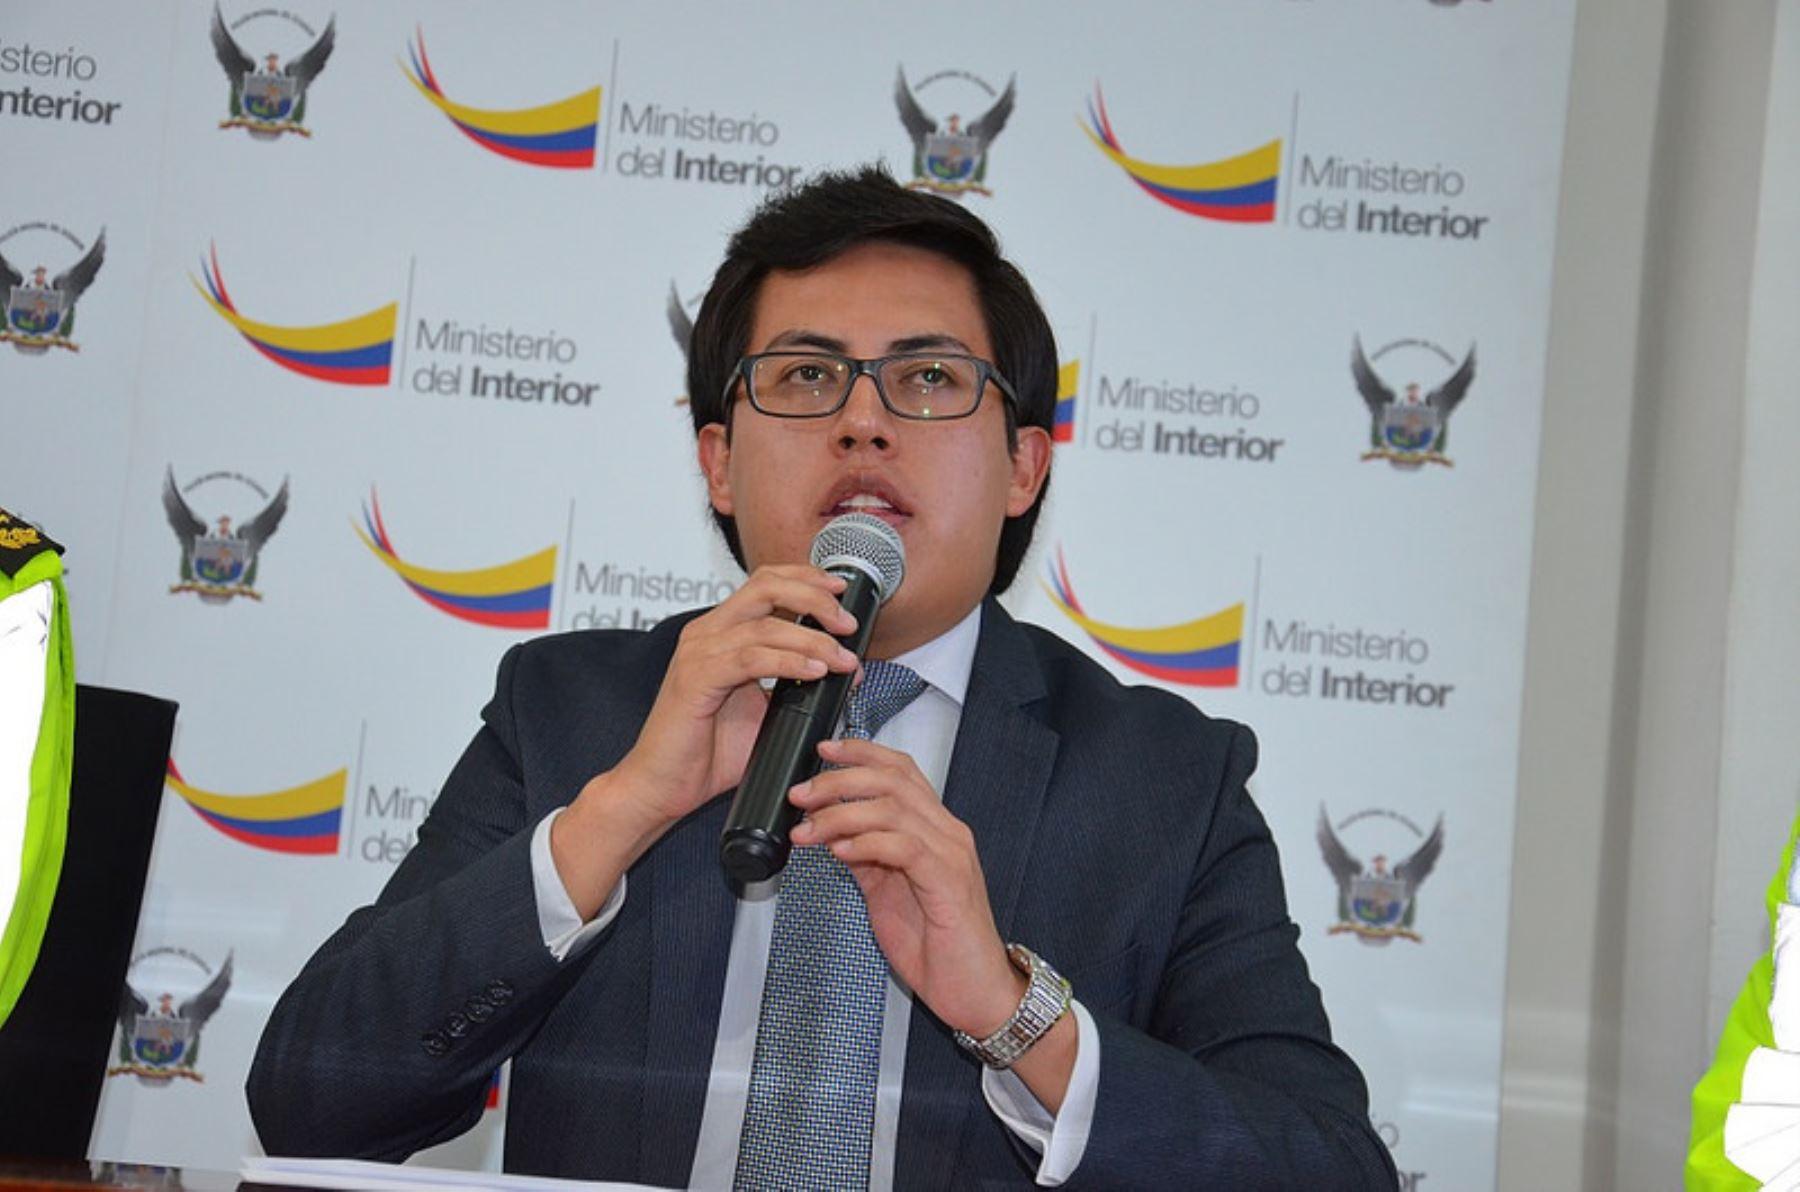 Ecuador ve con optimismo reformas de per a favor de for Portal del ministerio del interior